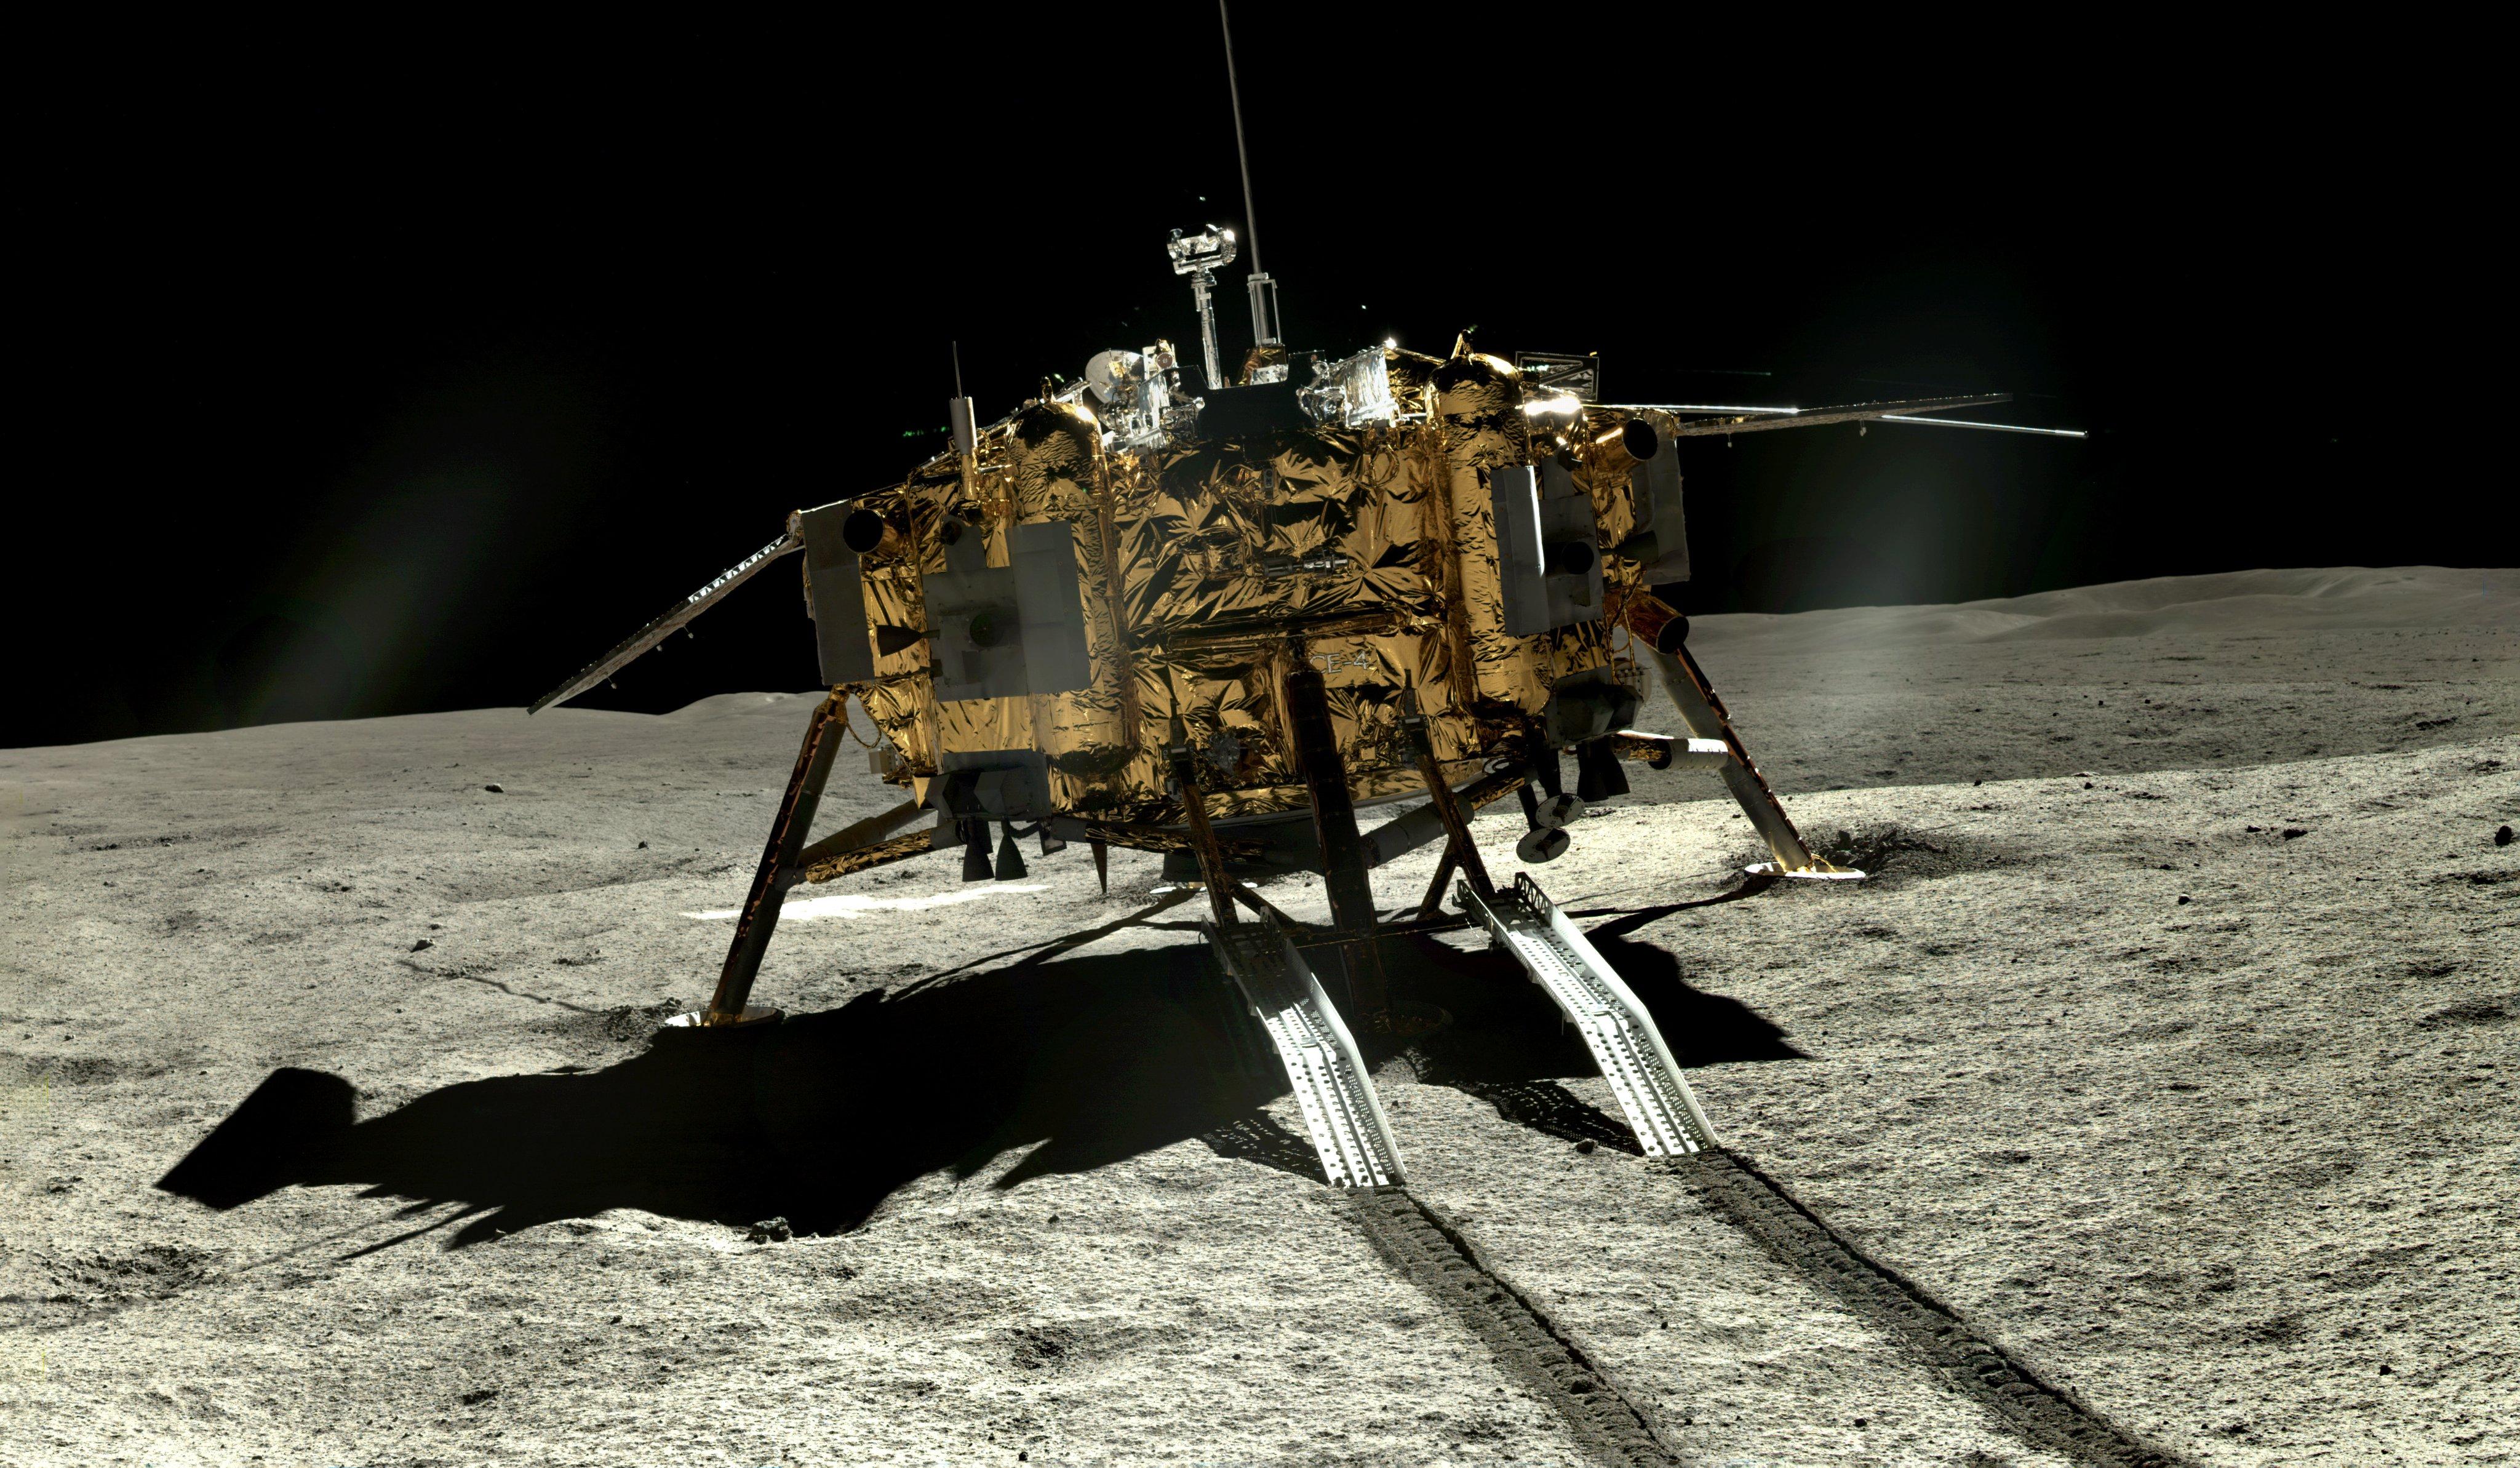 Månrobotarna Chang'e-4 och Yutu-2 visar upp spektakulära bilder från månens baksida